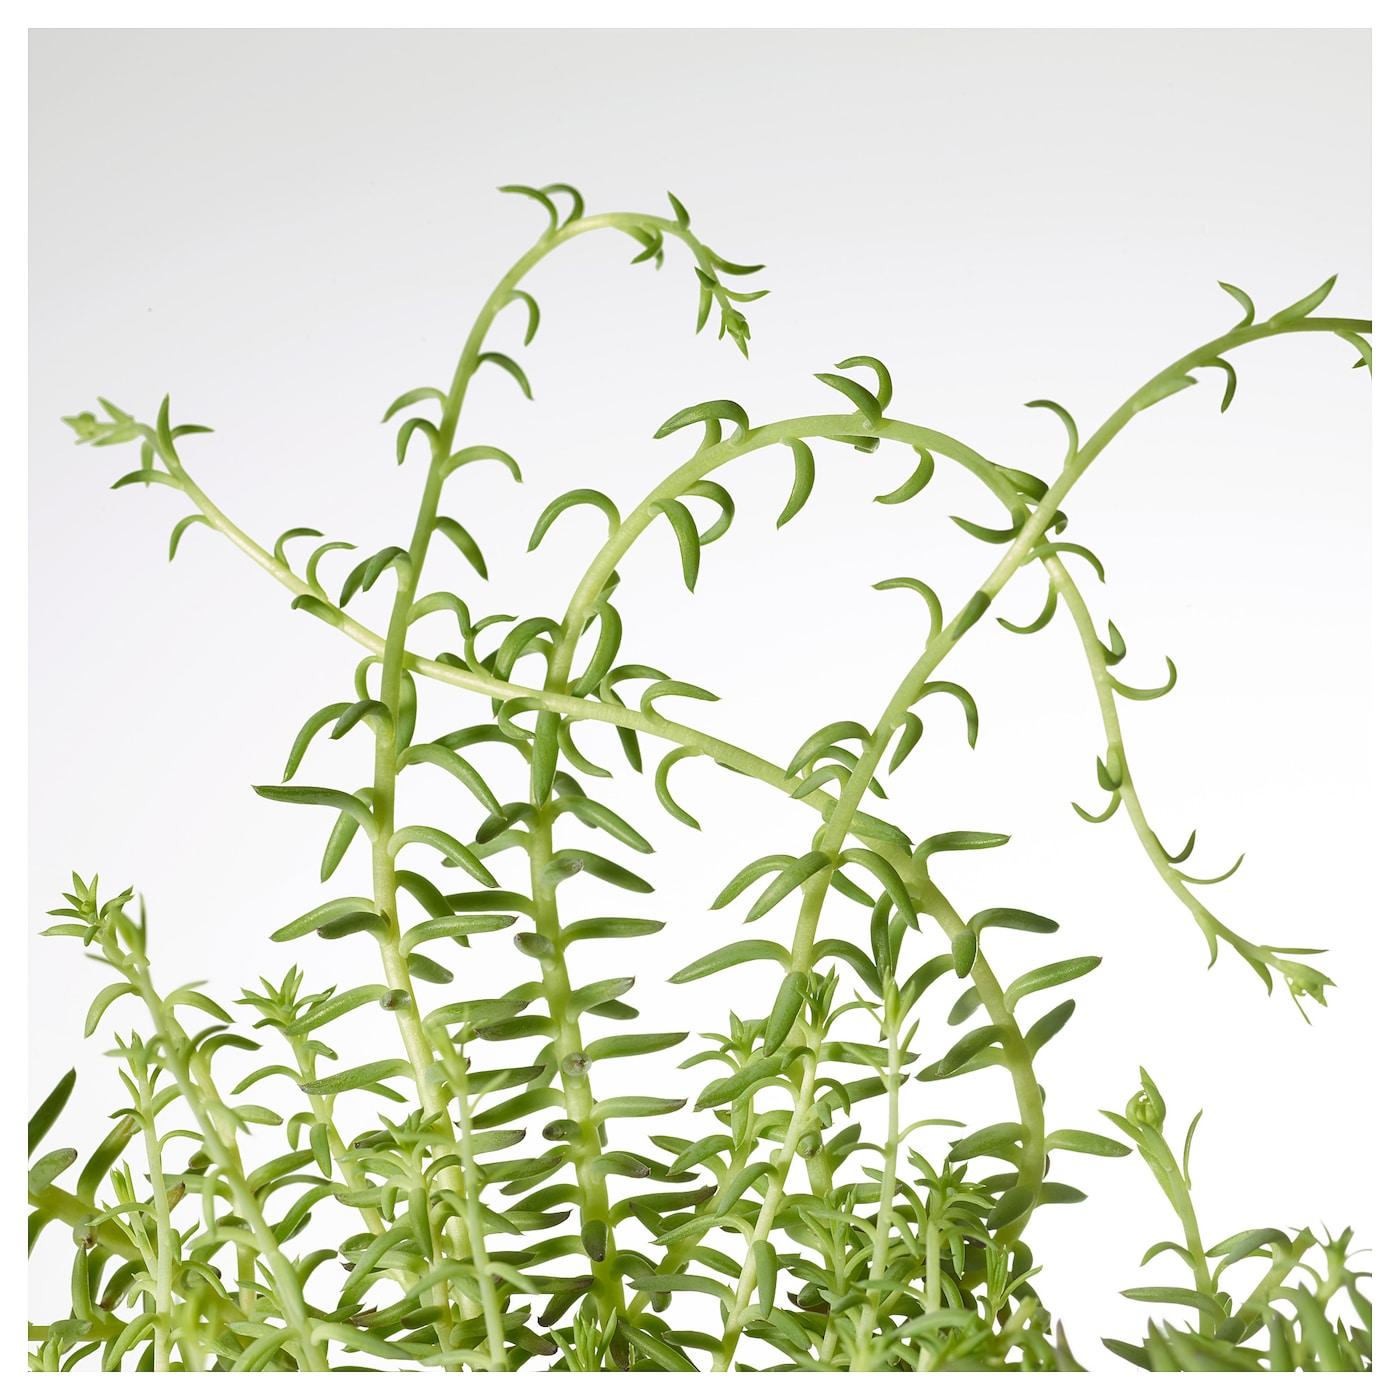 ikea sedum potted plant